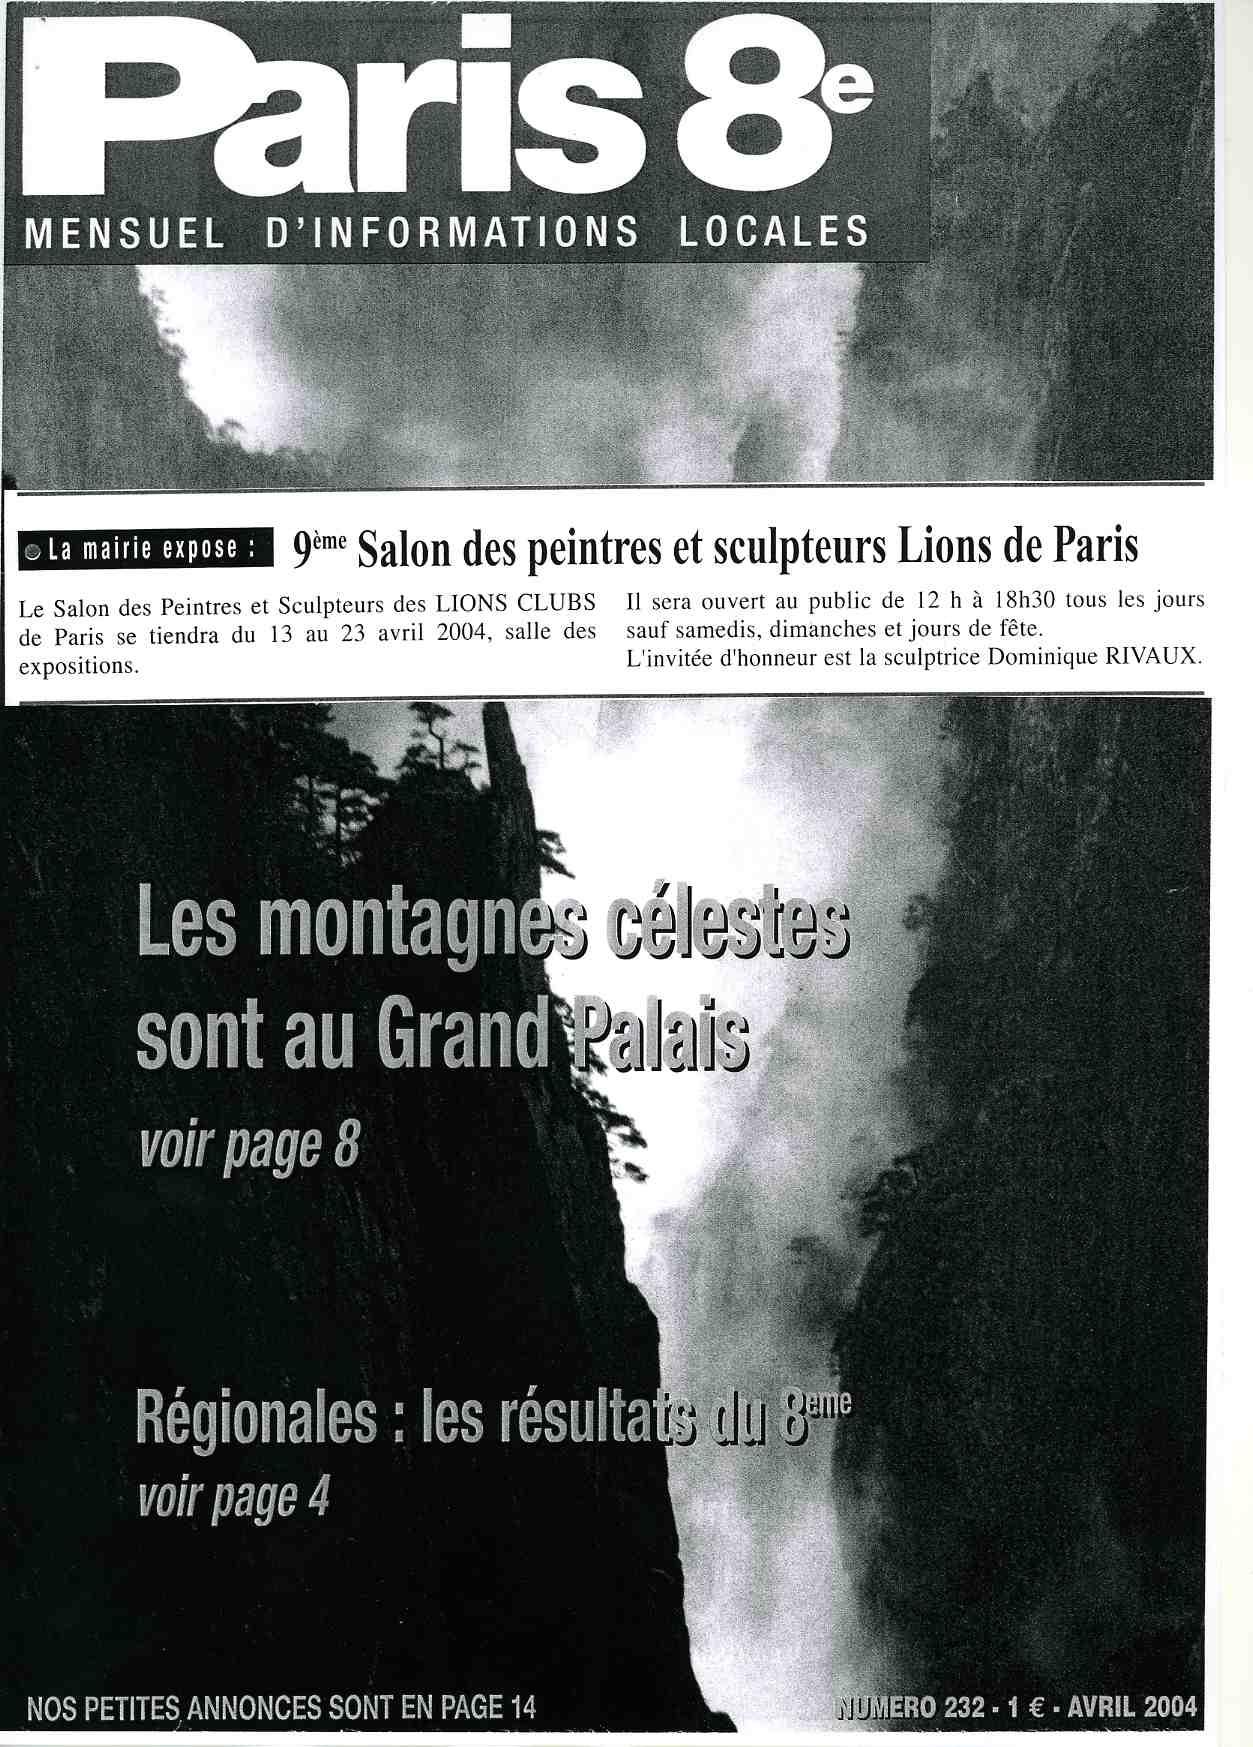 9ème Salon des peintres et sculpteurs Lions de Paris - Paris 8e 2004